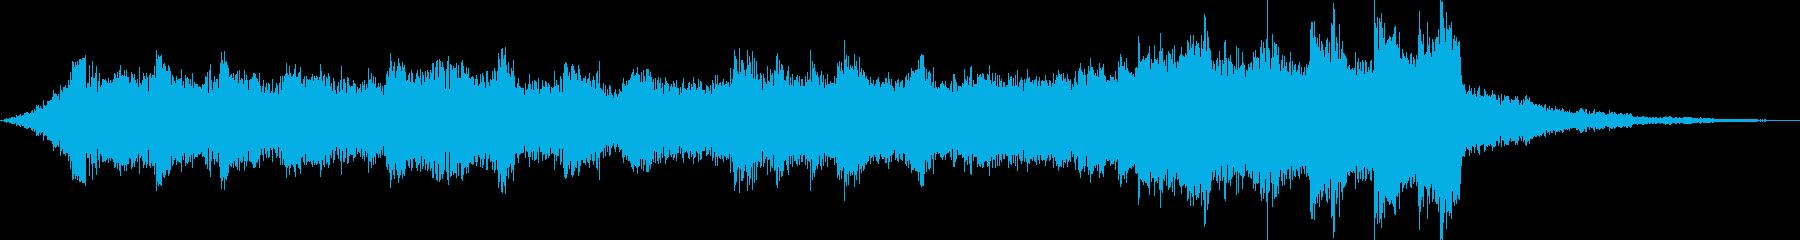 チルアウト雄大なトロピカルハウスfの再生済みの波形